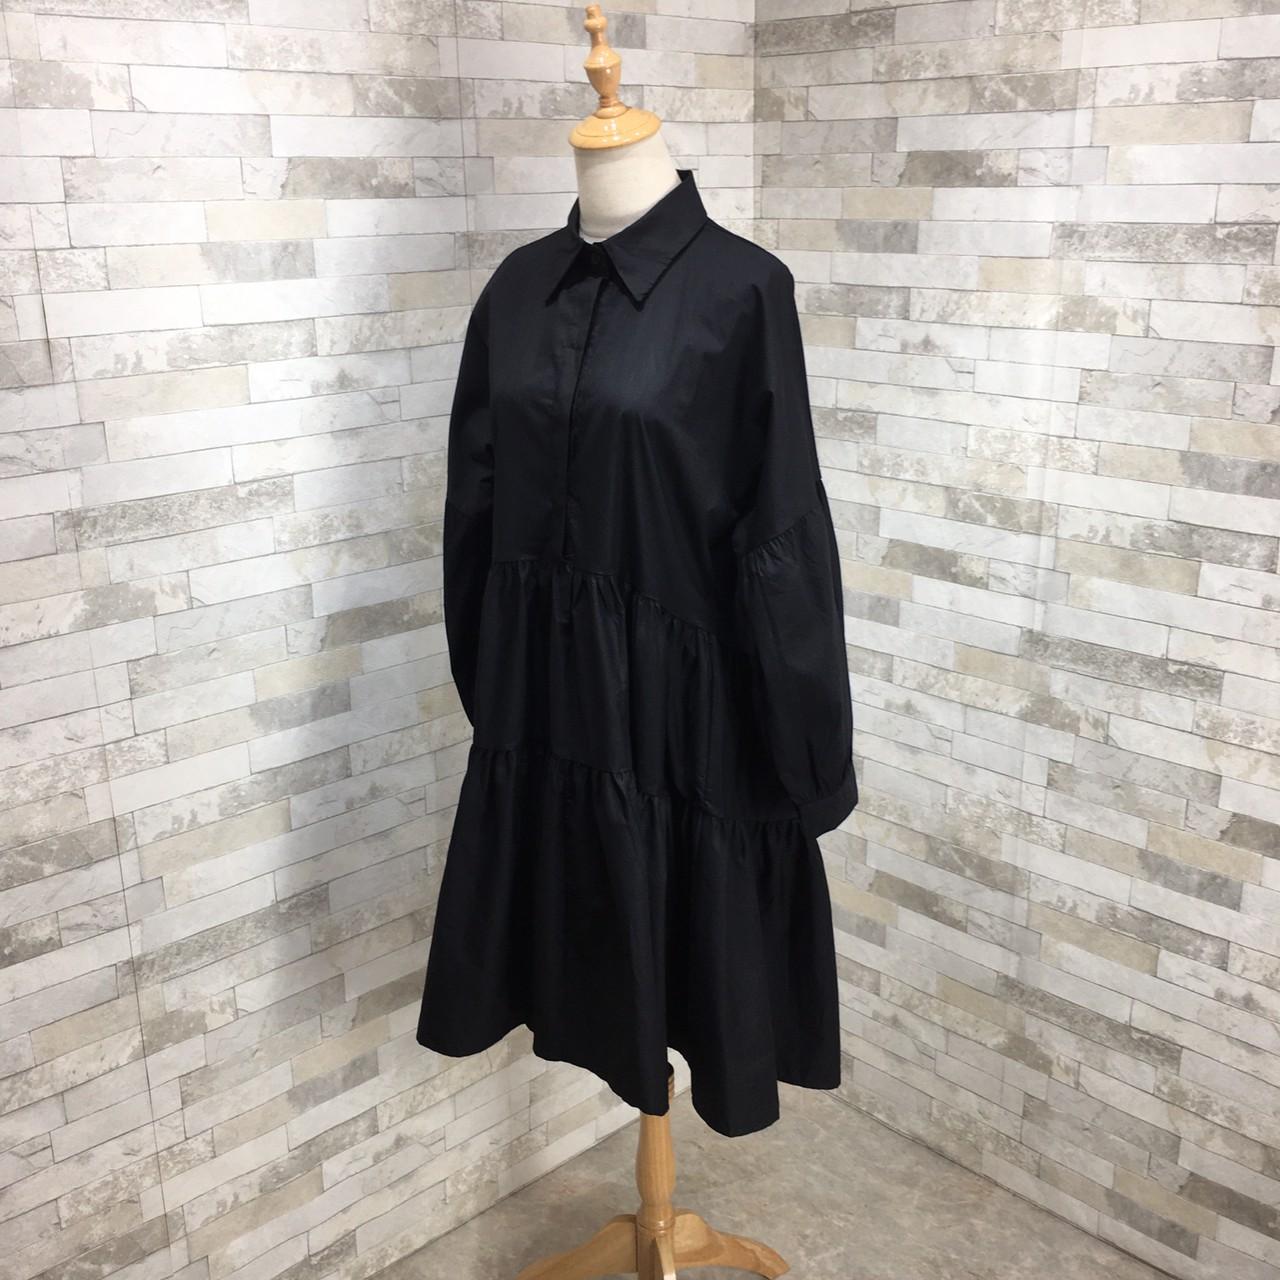 【即納】韓国 ファッション ワンピース 春 夏 秋 カジュアル SPTXI149  ティアード ドレープ ギャザー ゆったり オルチャン シンプル 定番 セレカジの写真11枚目